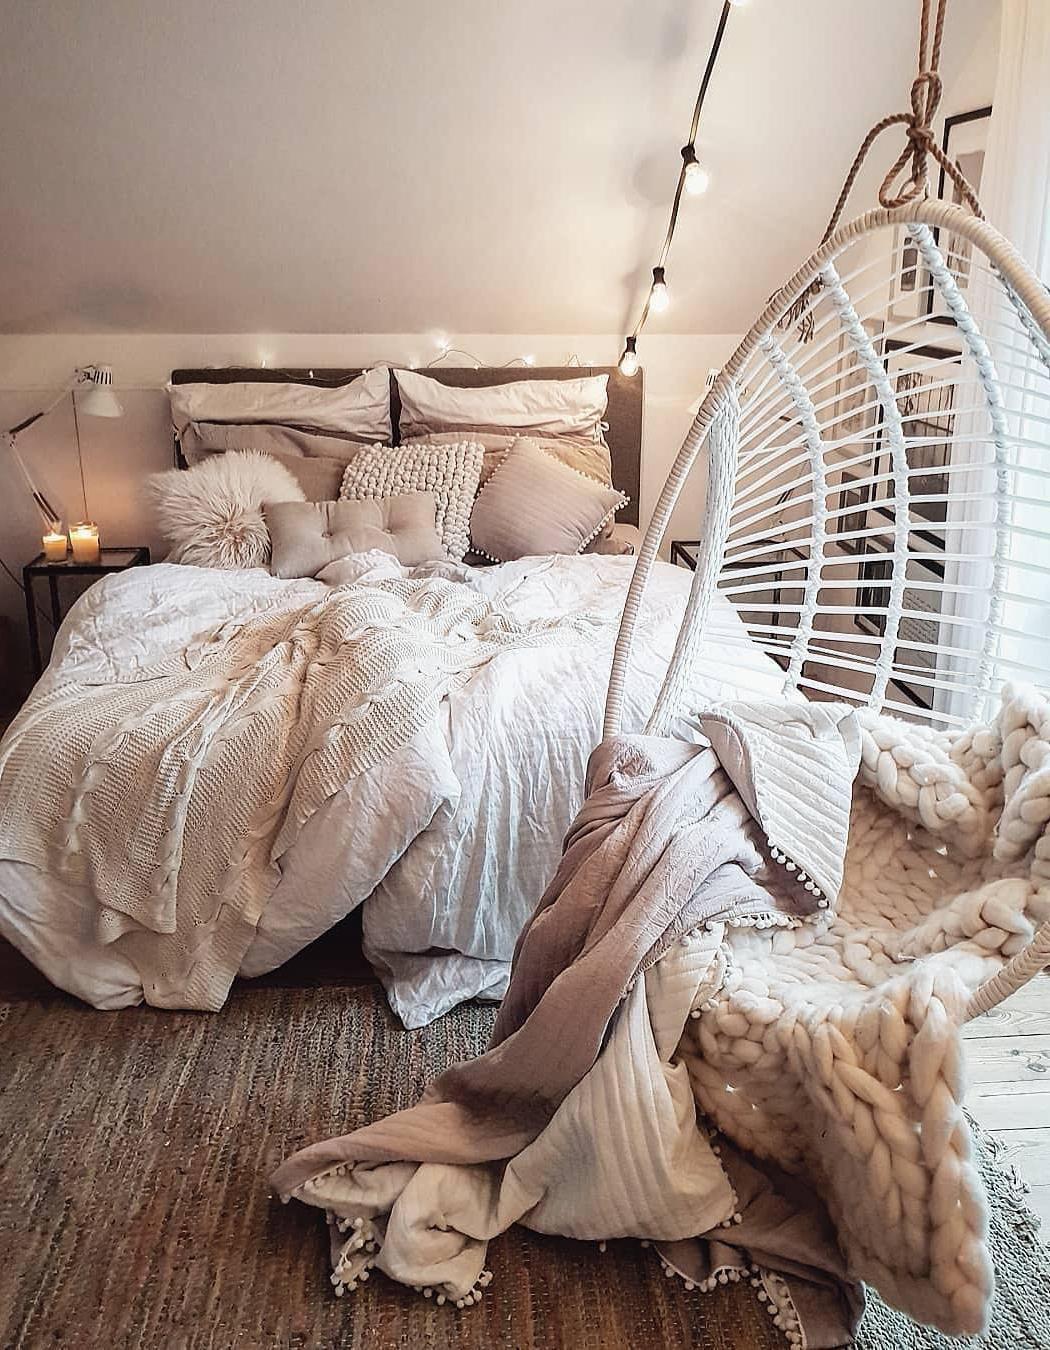 52 idées de décoration de chambre à coucher chaleureuses et romantiques